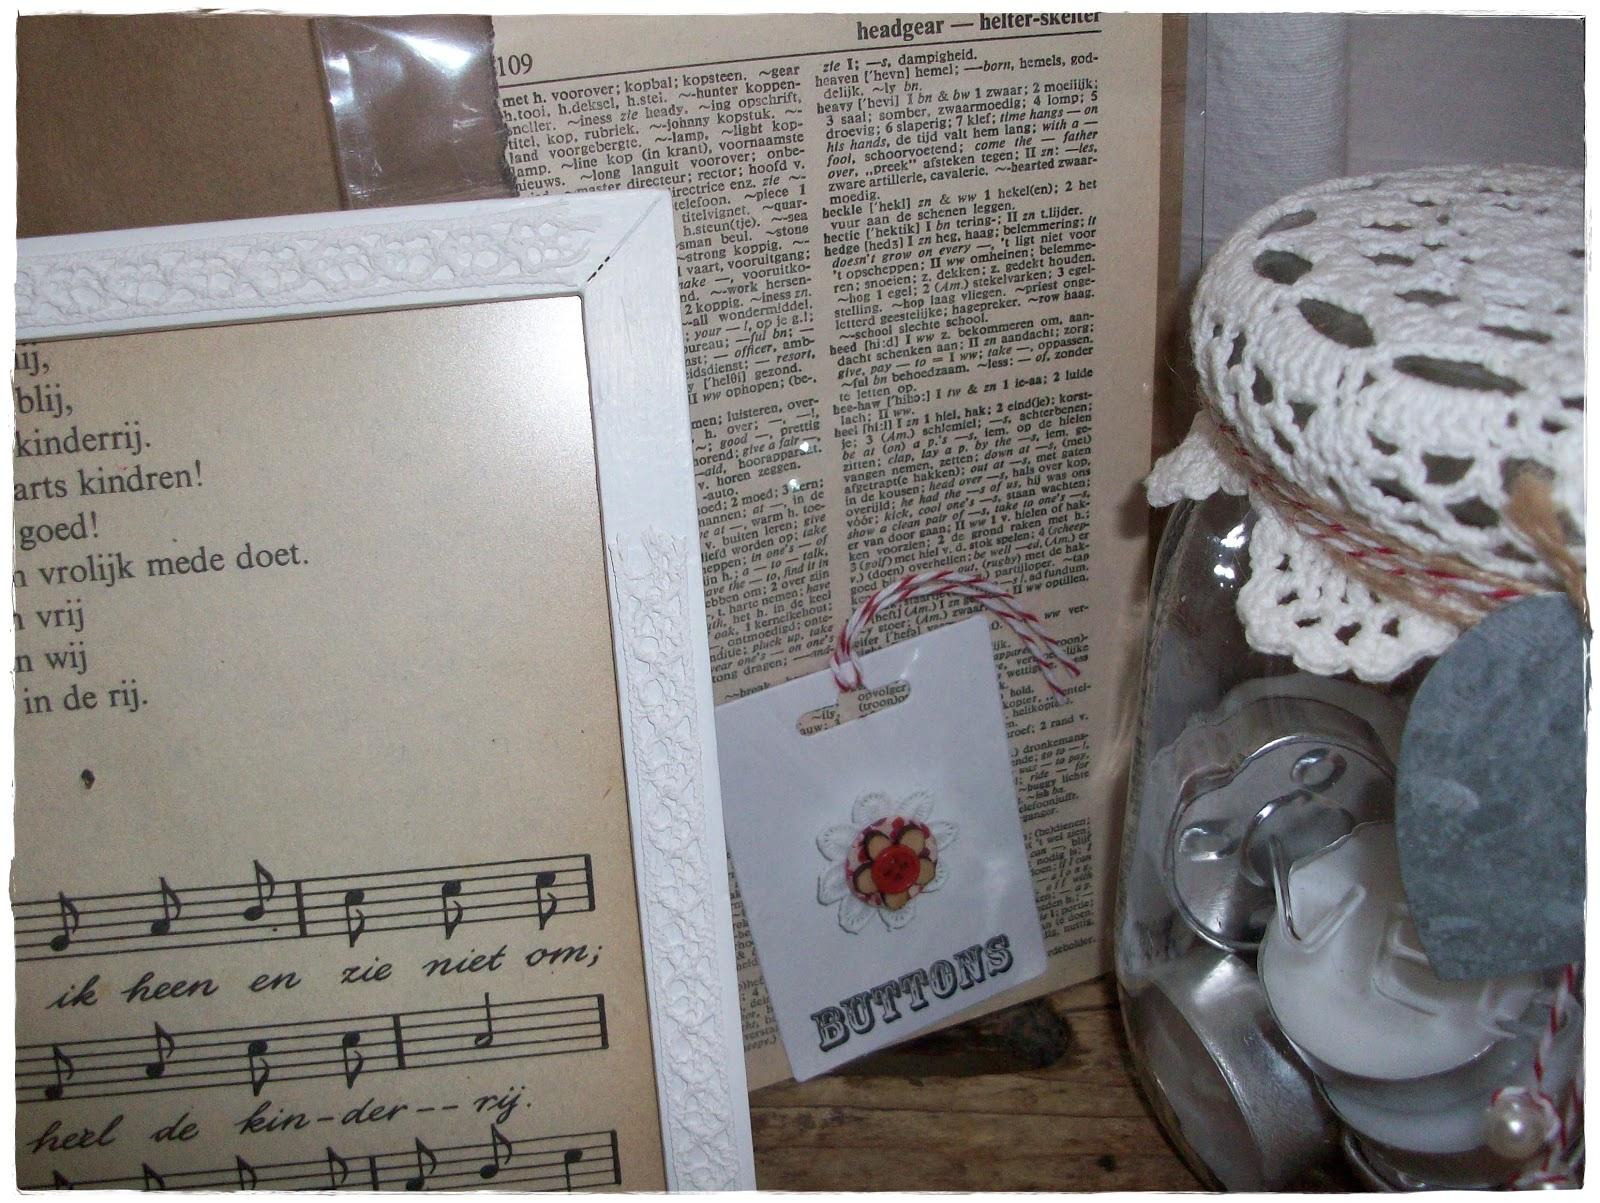 972a66aee26725 Verder een wit geverfd lijstje met een afbeelding uit een oud kinderboekje  en een weckpot versiert met een mooi zinken label. Het gehaakte kleedje vond  ik ...